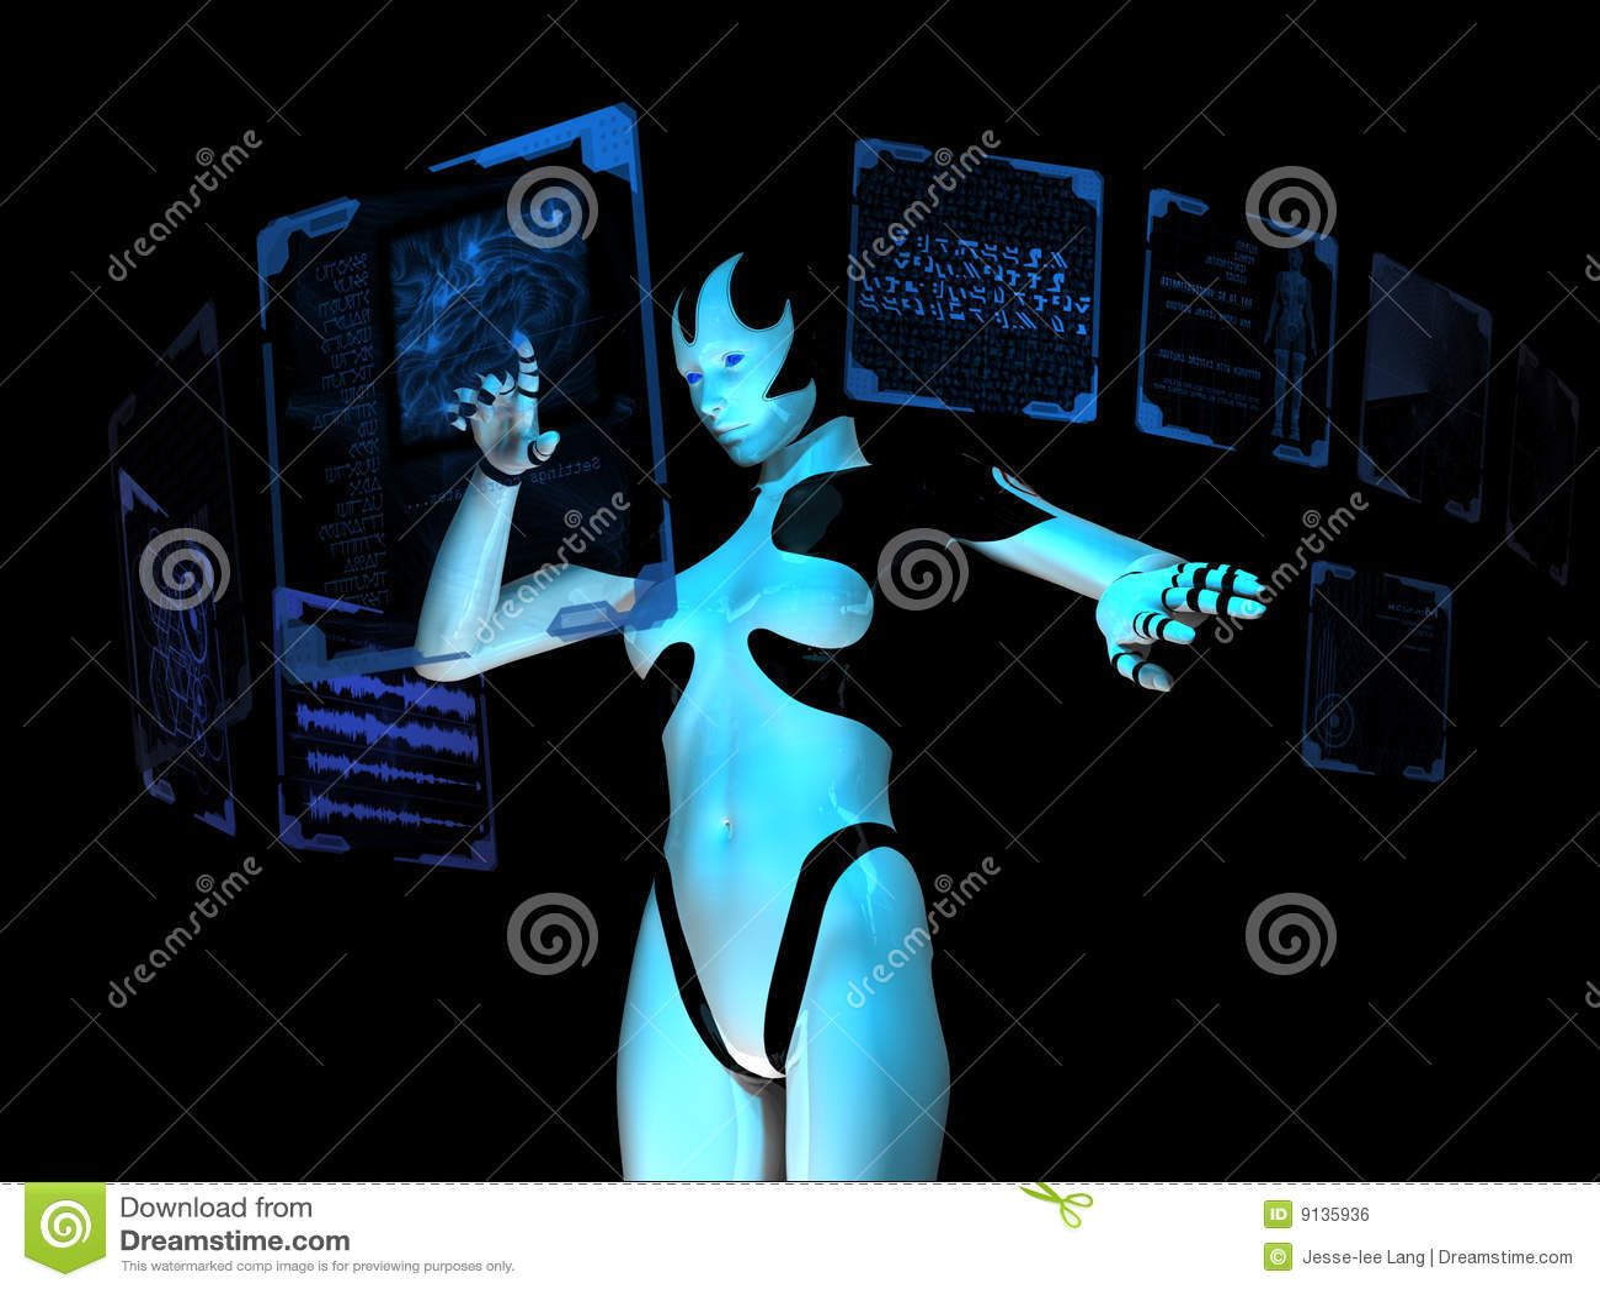 计算机靠机械装置维持生命的人全息&#